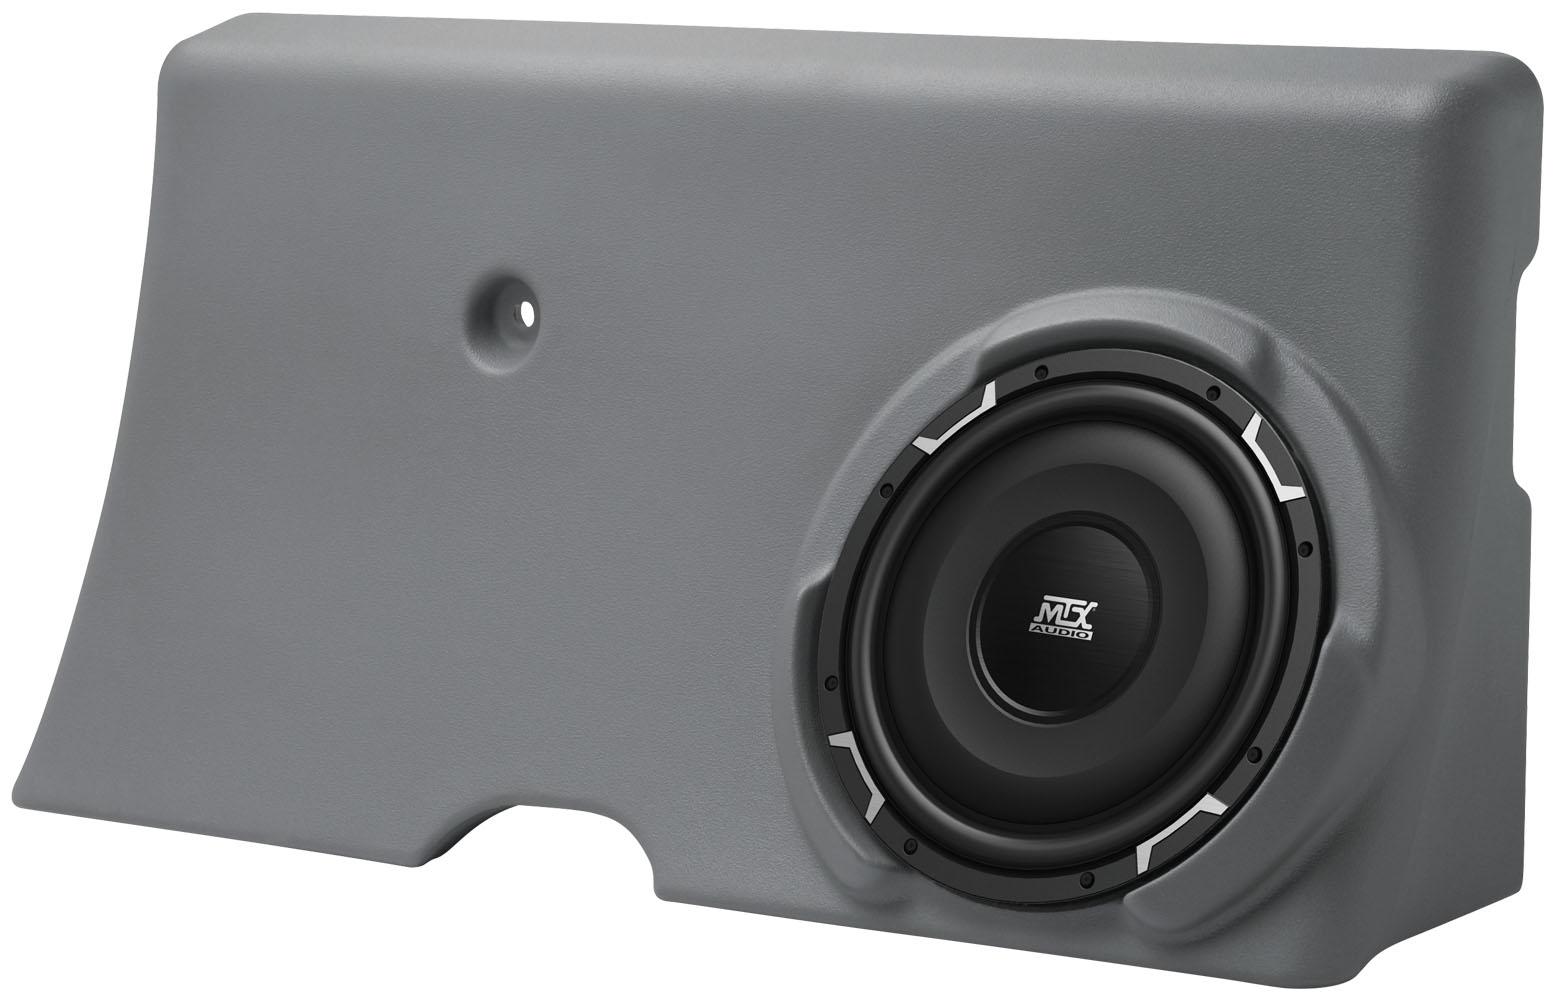 F250c00c10 Fpr Thunderform Custom Subwoofer Enclosure Mtx Audio